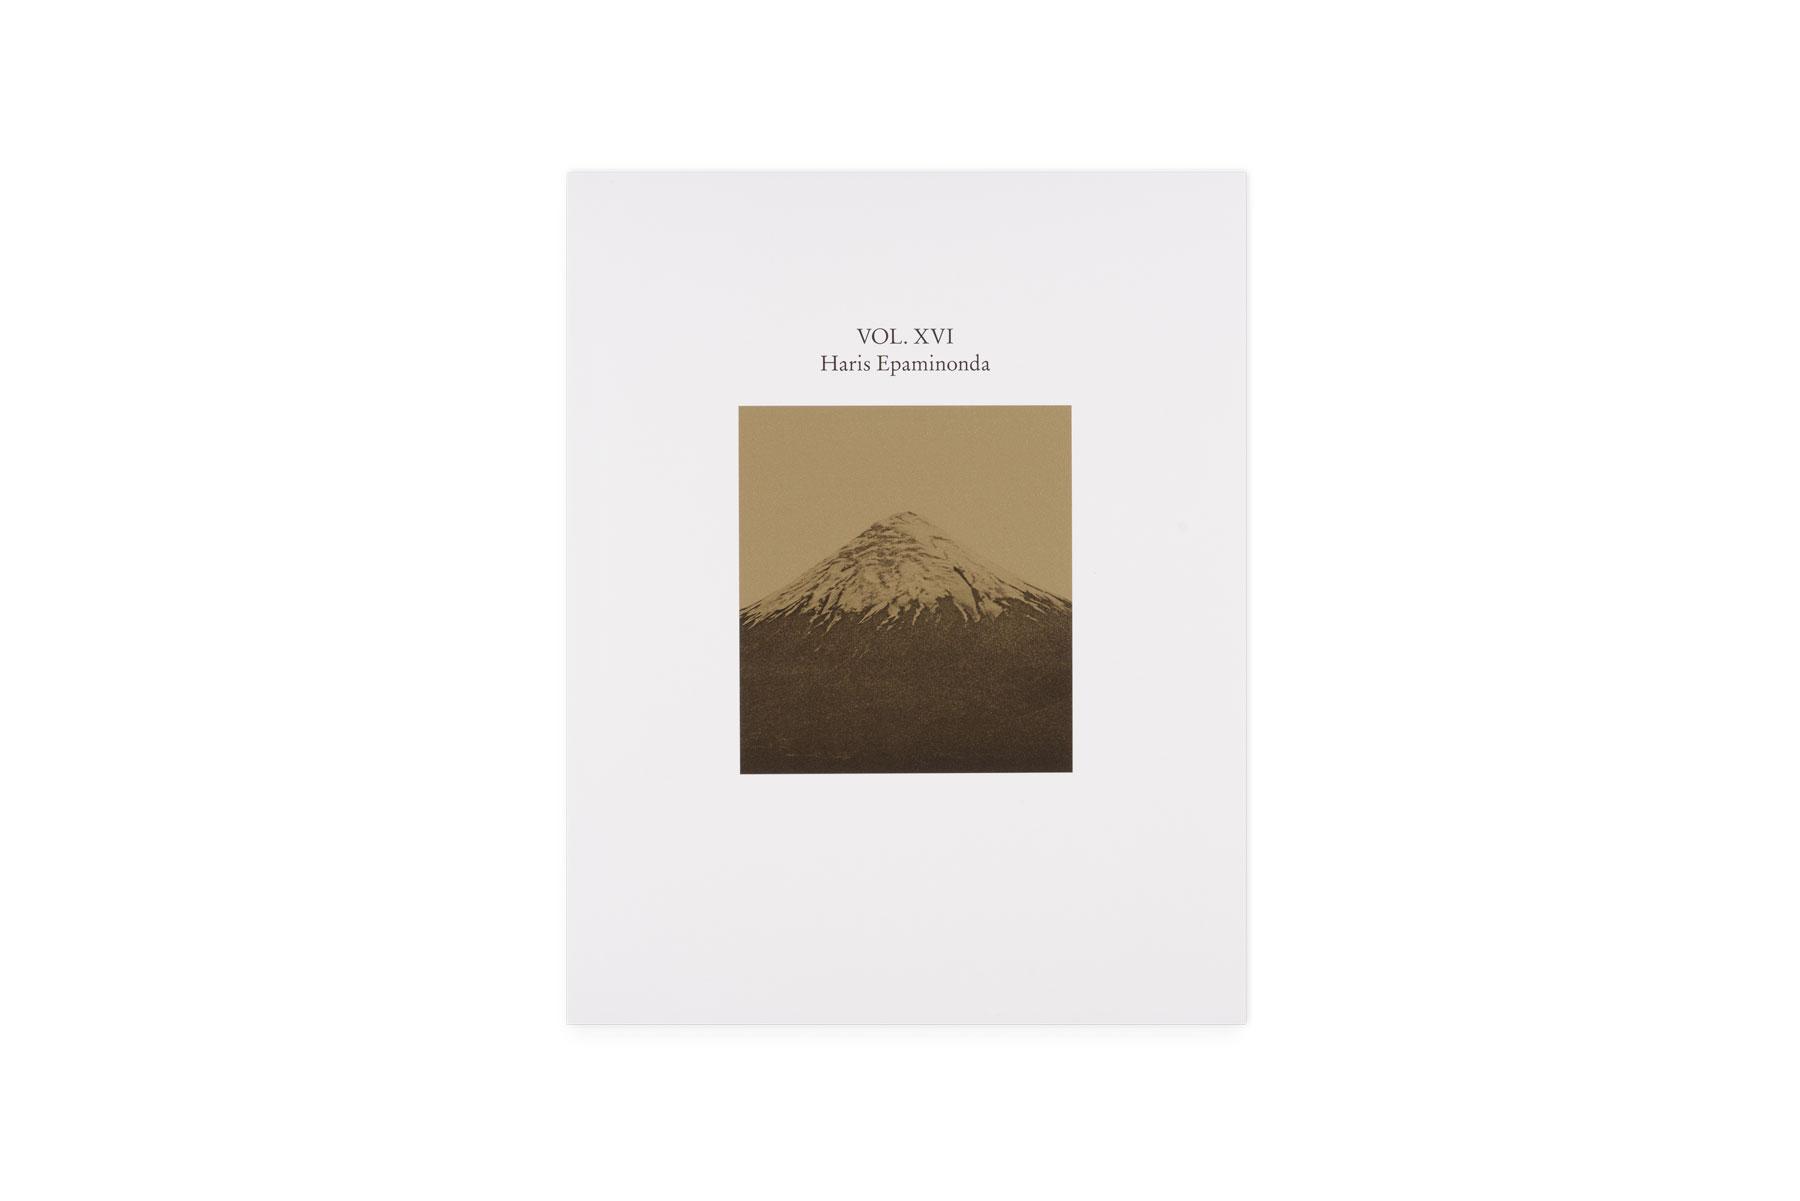 Haris Epaminonda Vol. XVI